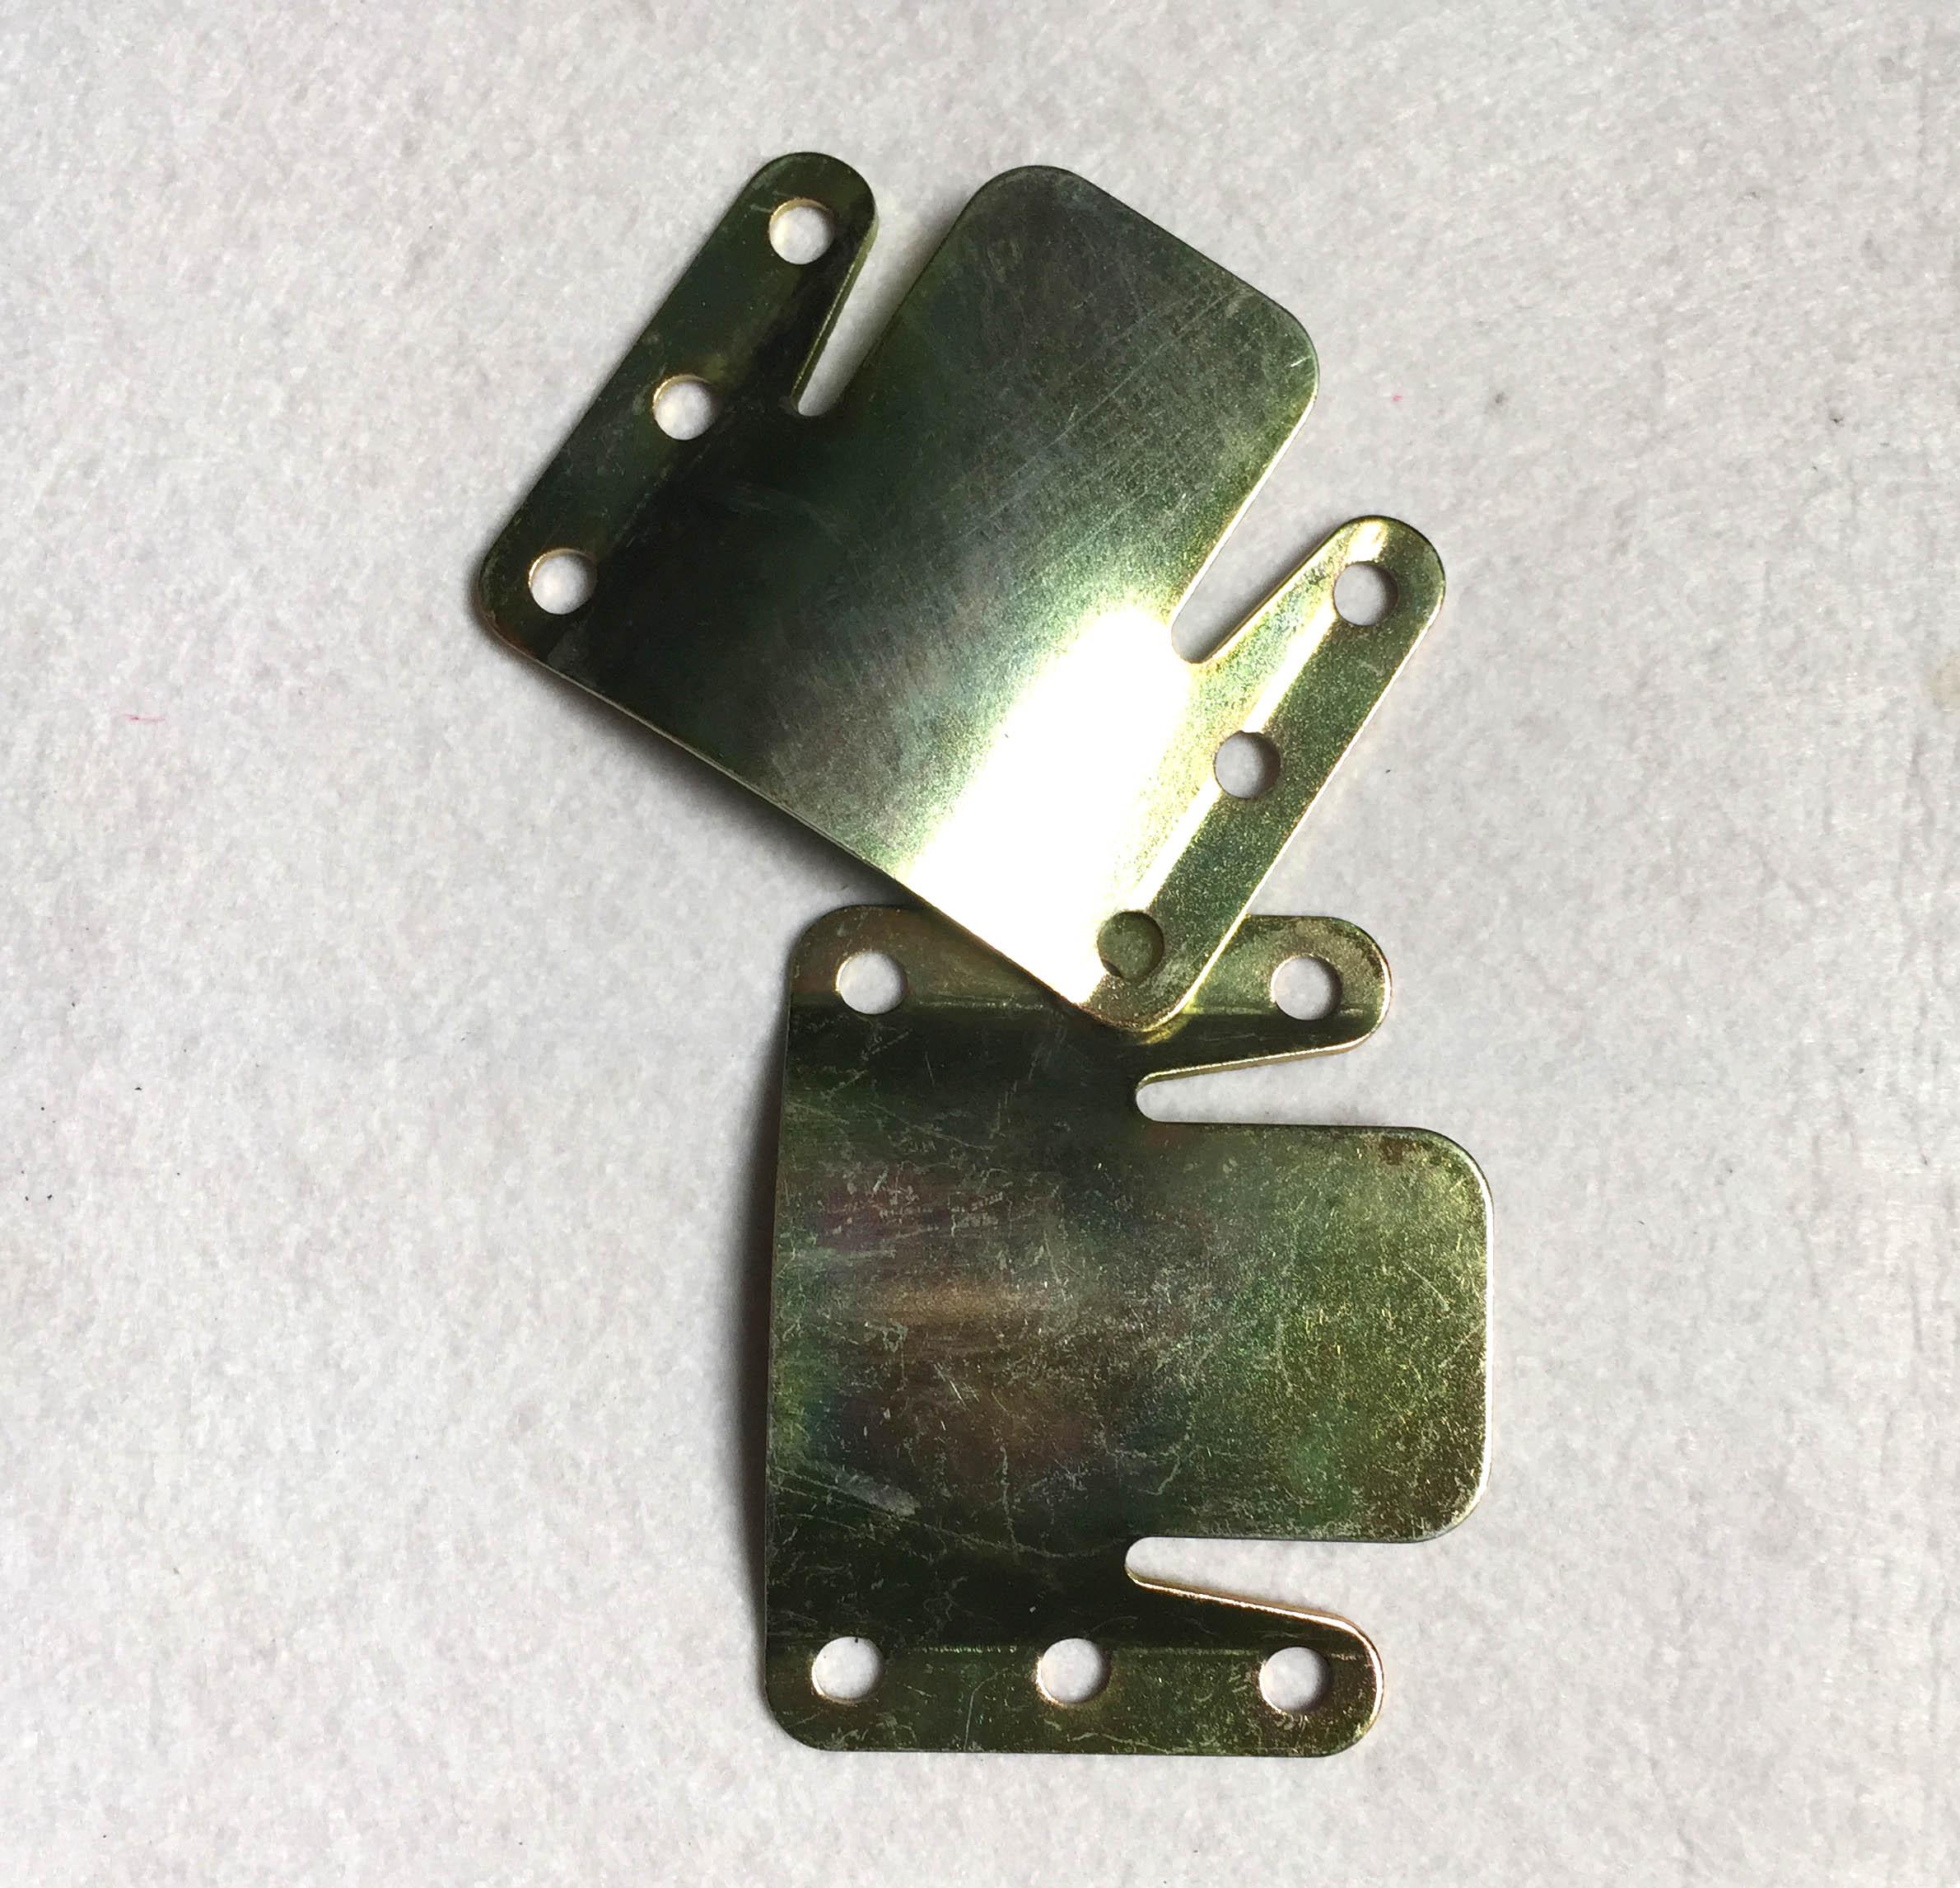 高档沙发插件 沙发家具连接件 沙发扣 插片 扣件